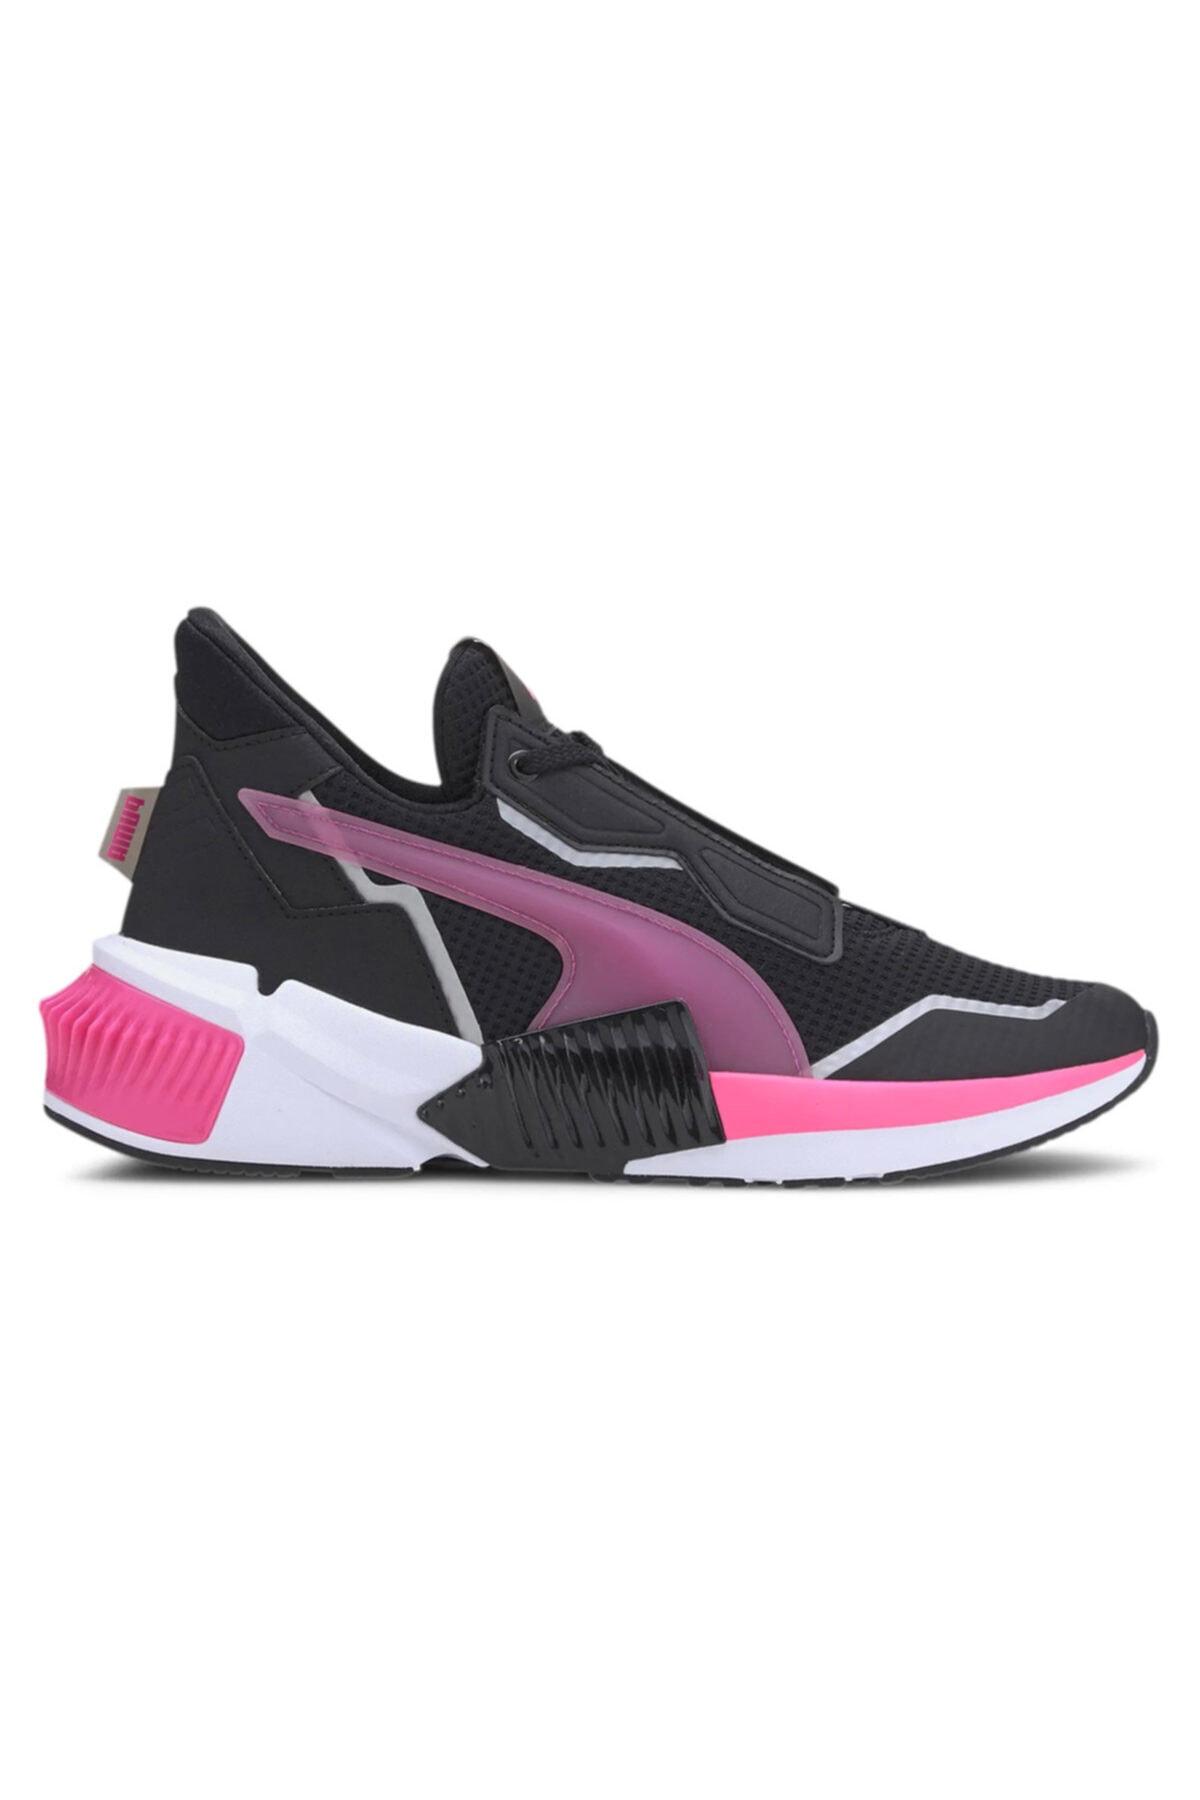 Puma Kadın Siyah Provoke Xt  Antrenman Ayakkabısı 19378402 1